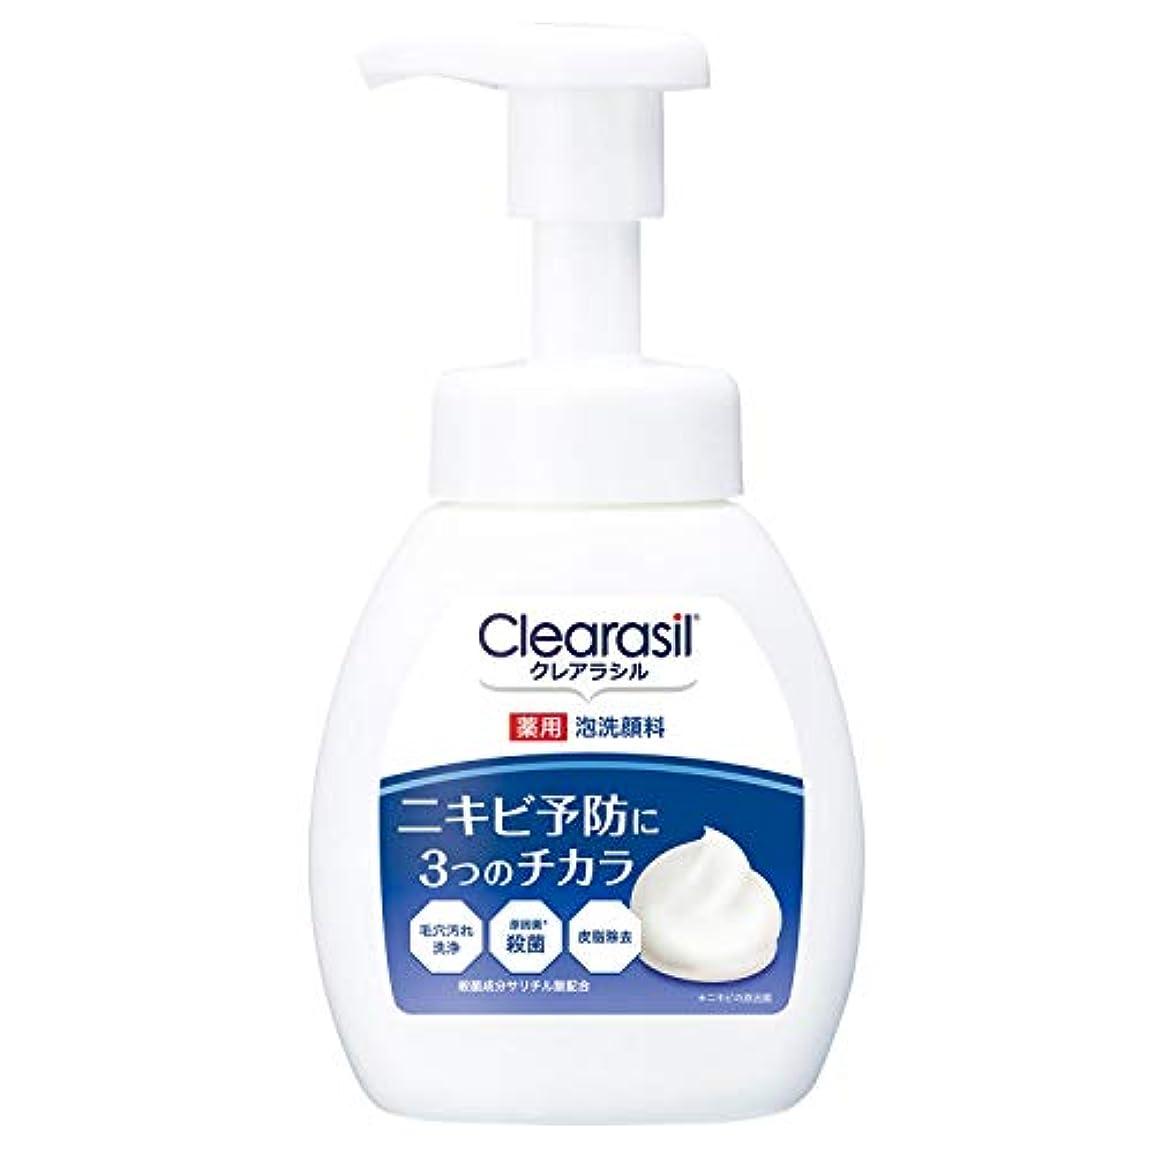 周術期昆虫避けられないクレアラシル 薬用泡洗顔フォーム 10 本体 200ml